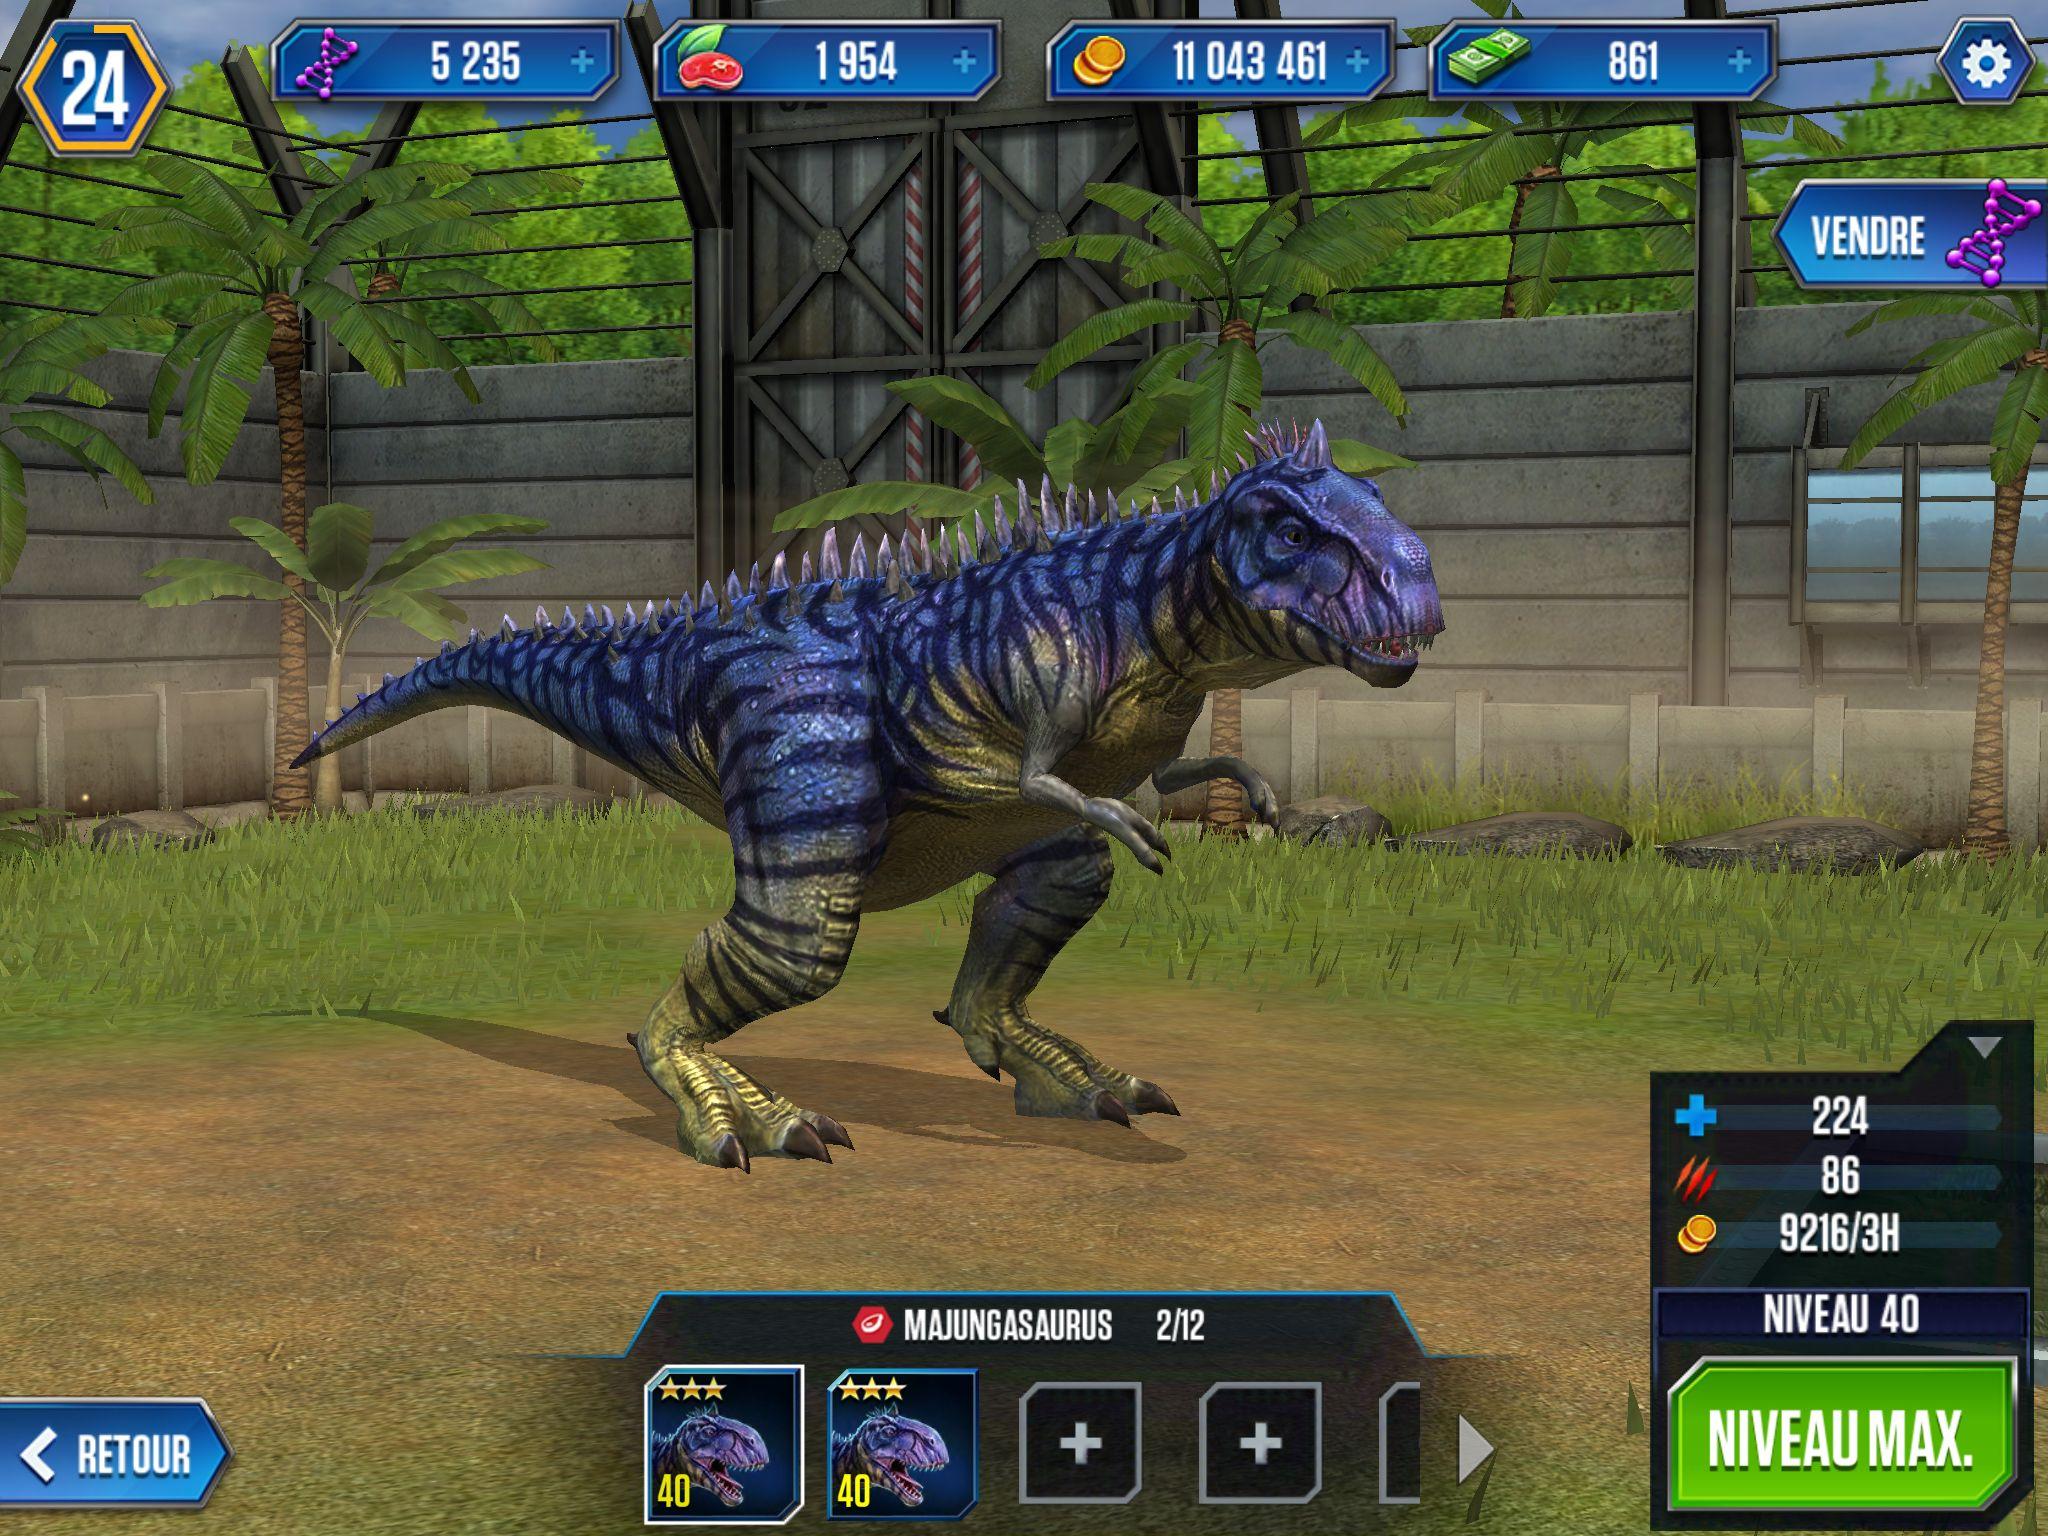 Majungasaurus jurassic world game dinosaure adrians - Dinosaure jurassic world ...